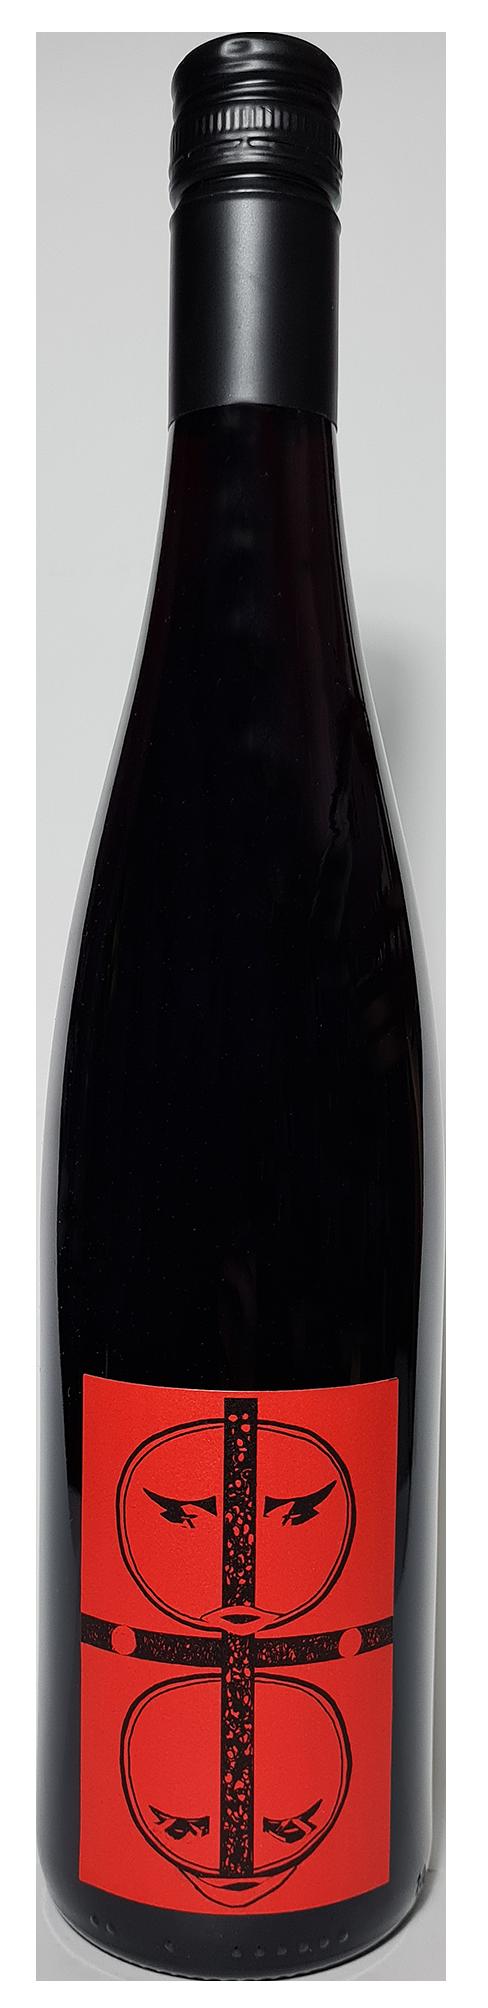 Bouteille de Pinot Noir Kreutzel 2019, Domaine Rieffel, Alsace